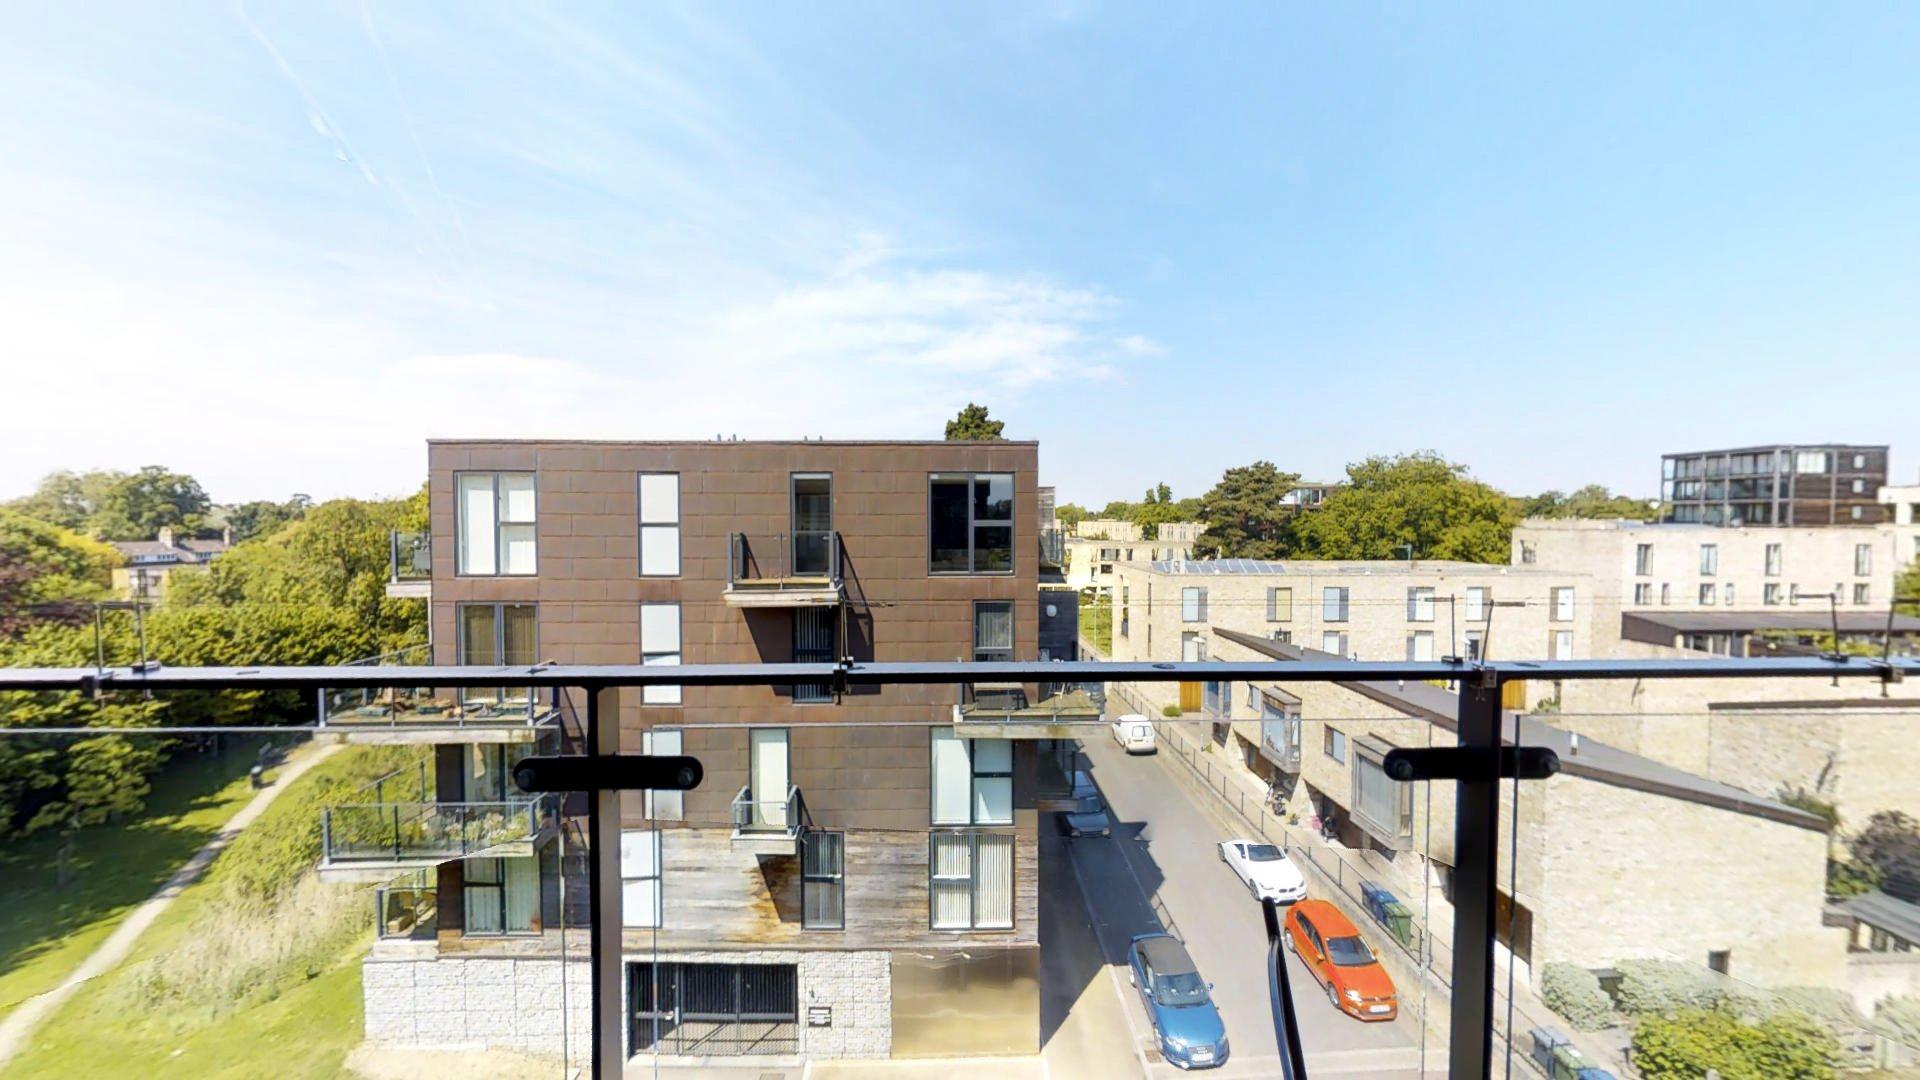 Accordia apartment exterior